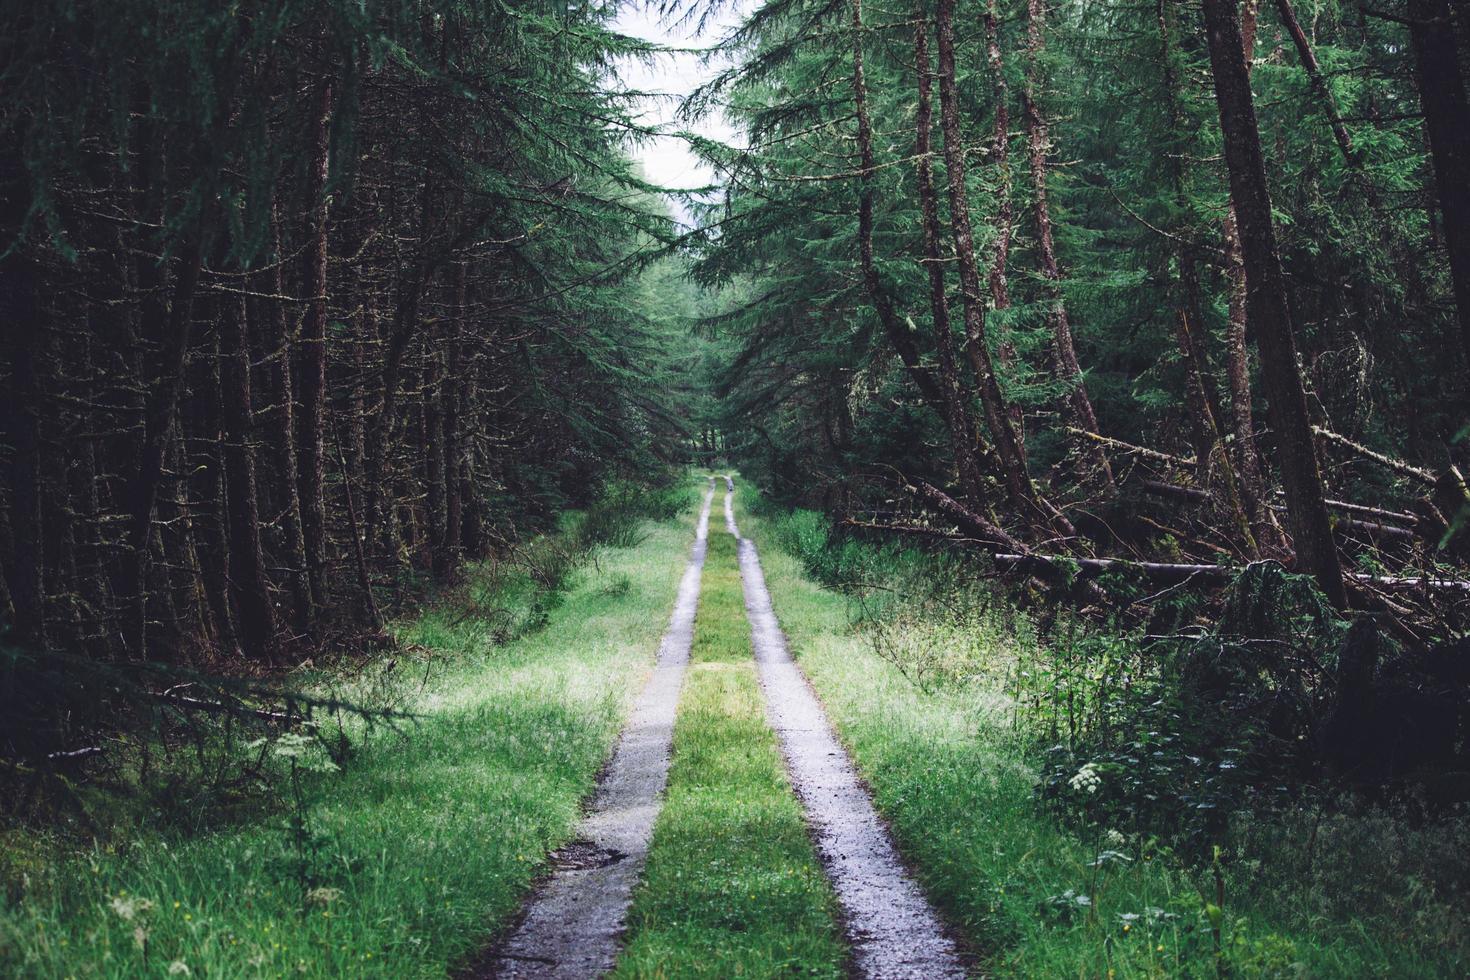 route en herbe entre les arbres forestiers photo